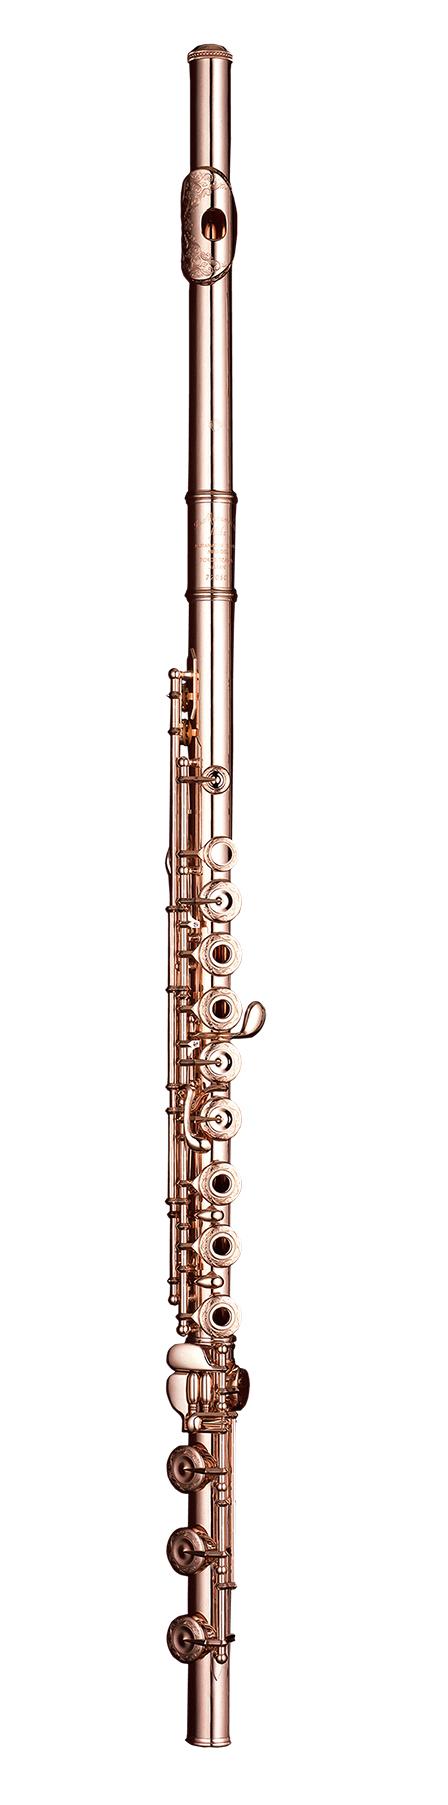 Muramatsu - 18 - K Go/Go SR - Type - RBEI - Holzblasinstrumente - Flöten mit E-Mechanik | MUSIK BERTRAM Deutschland Freiburg